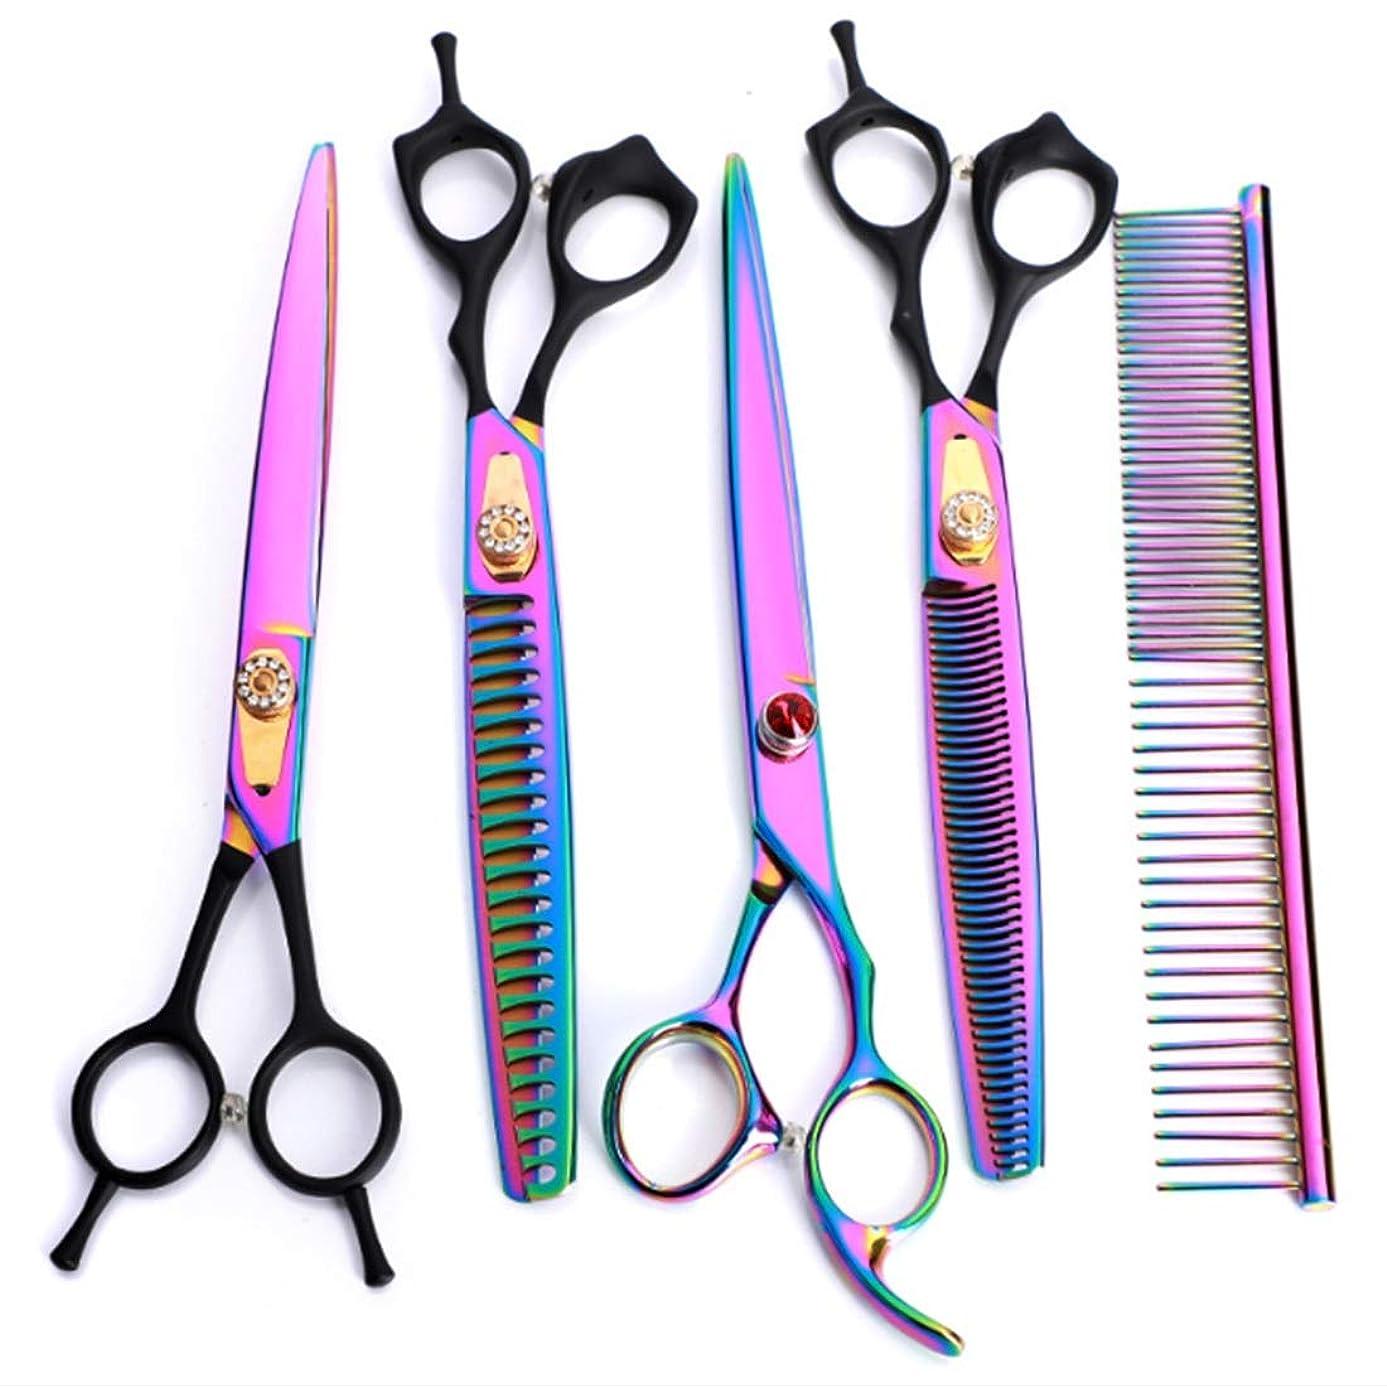 マエストロ郡捧げるプロの理髪師の髪のはさみ/はさみ(8インチ) - プロの歯科用ハサミ/曲げのはさみは毛の切断をせん断します モデリングツール (色 : 色)